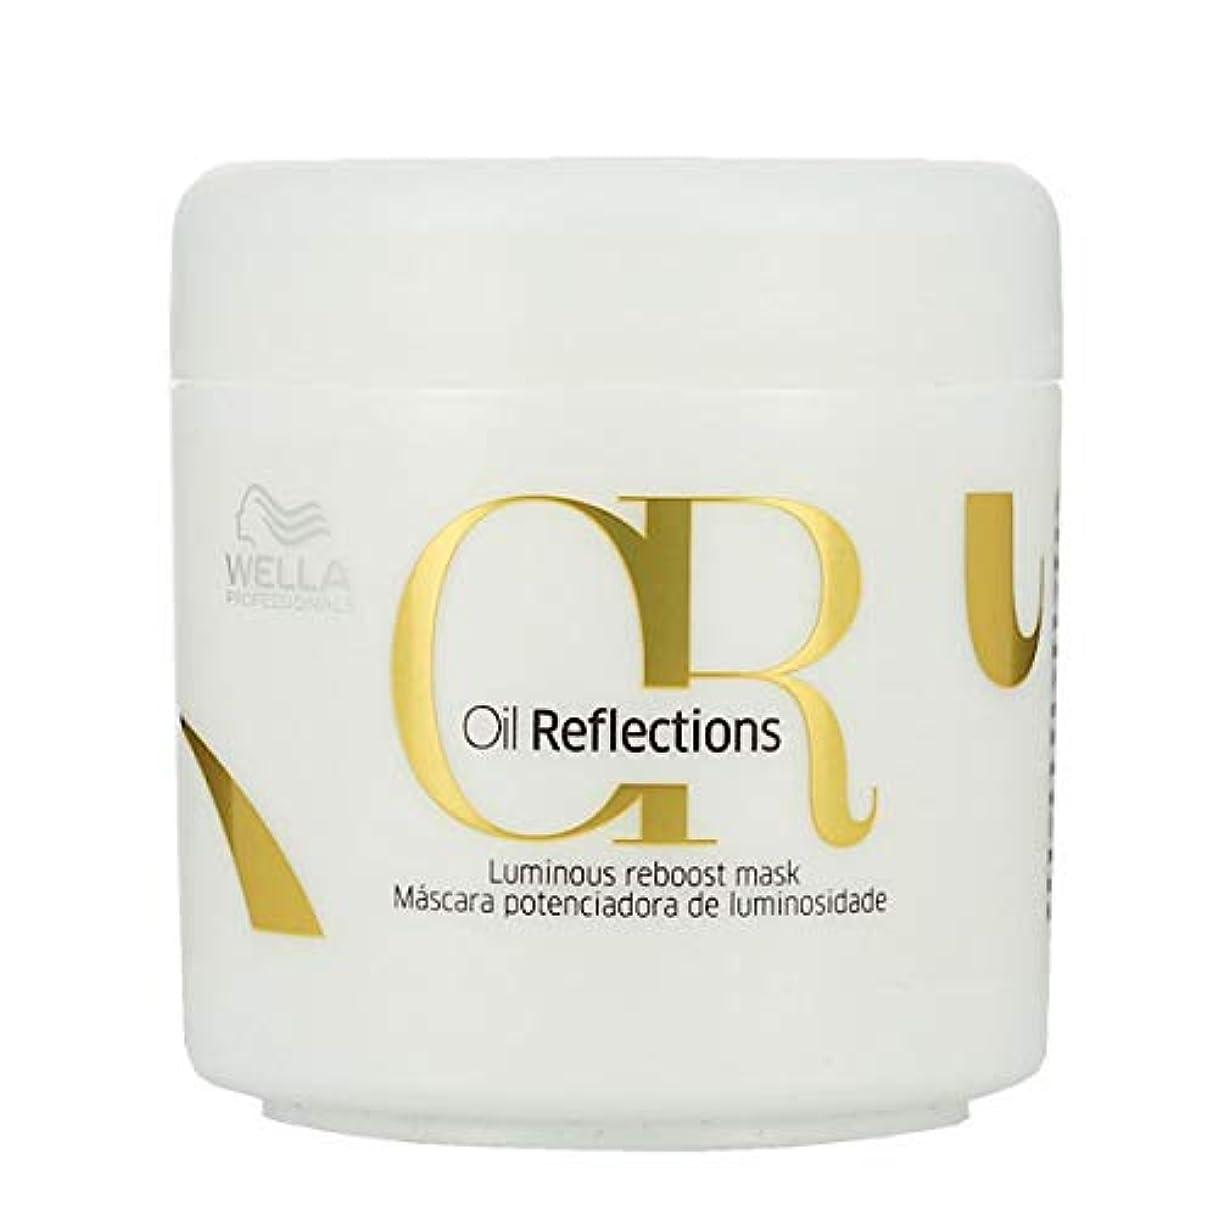 中毒不確実おそらくWella Professionals Oil Reflections Luminous Reboost Mask ウエラ オイルリフレクション マスク 150 ml [並行輸入品]